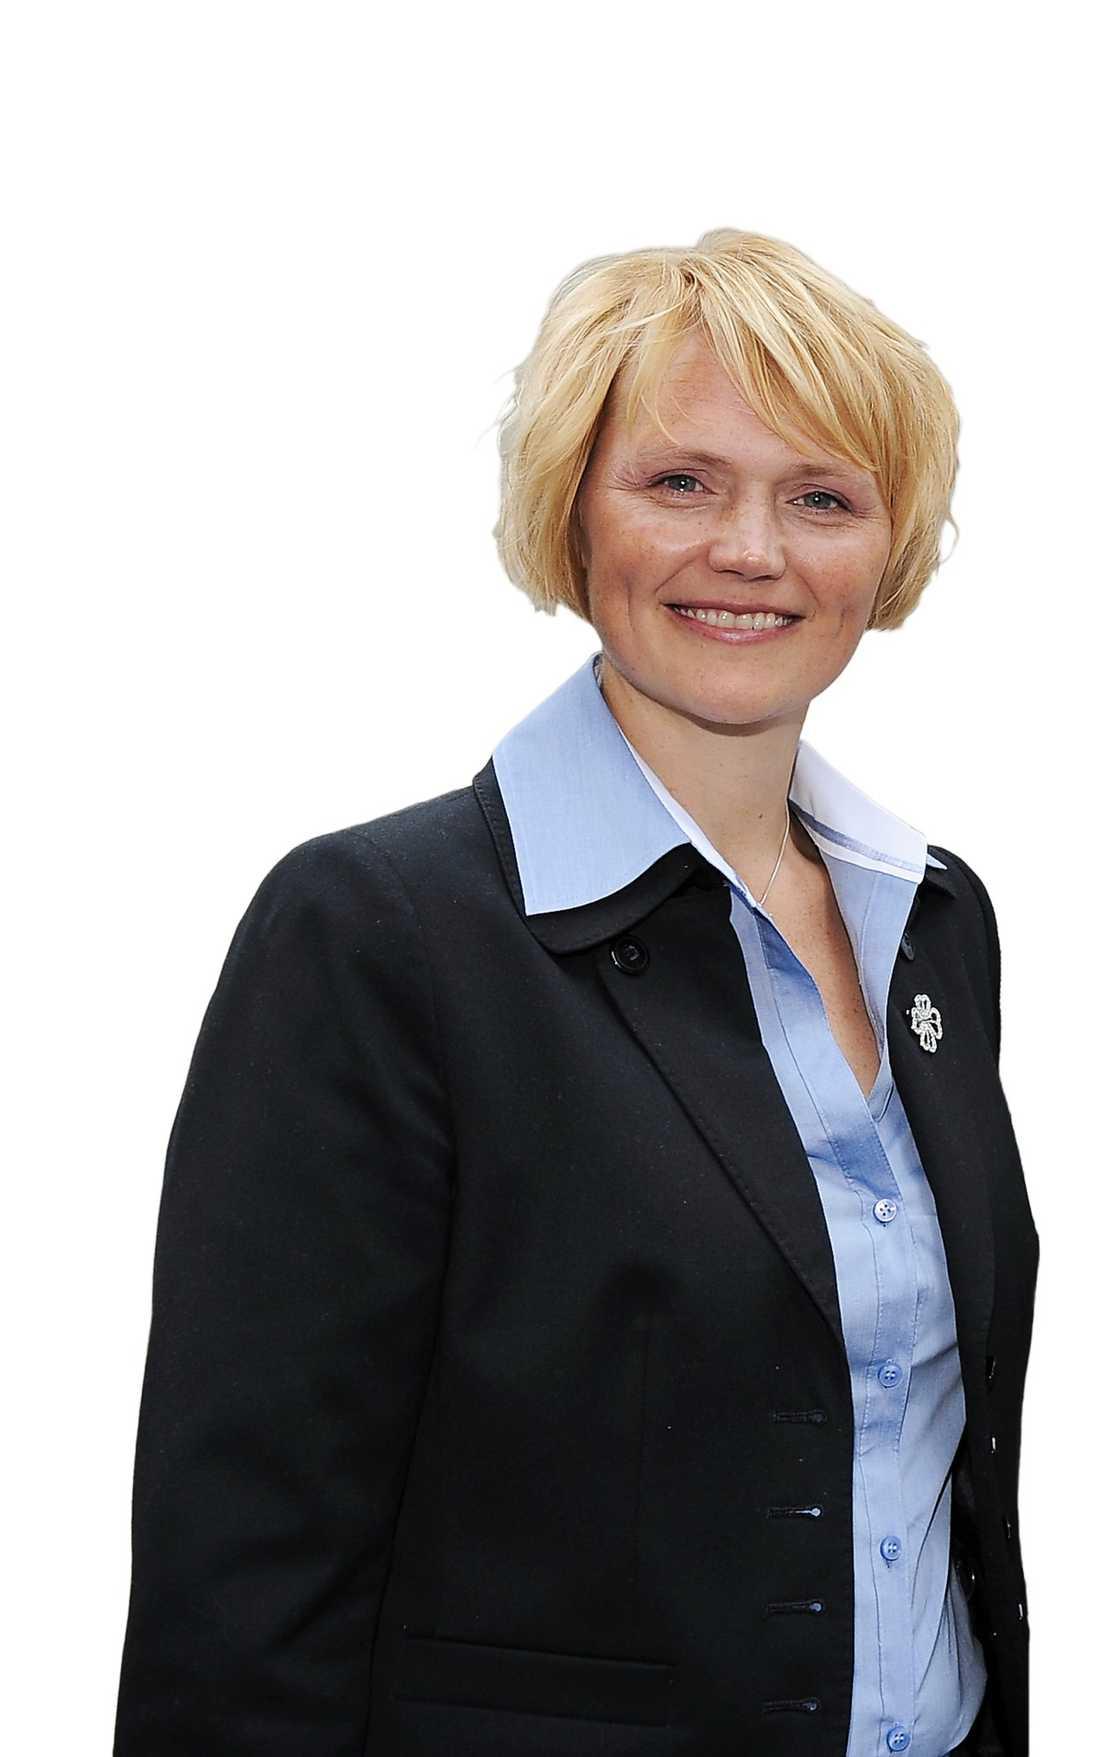 Anna-Karin Hatt kandiderar till ordförandeposten i Centern.